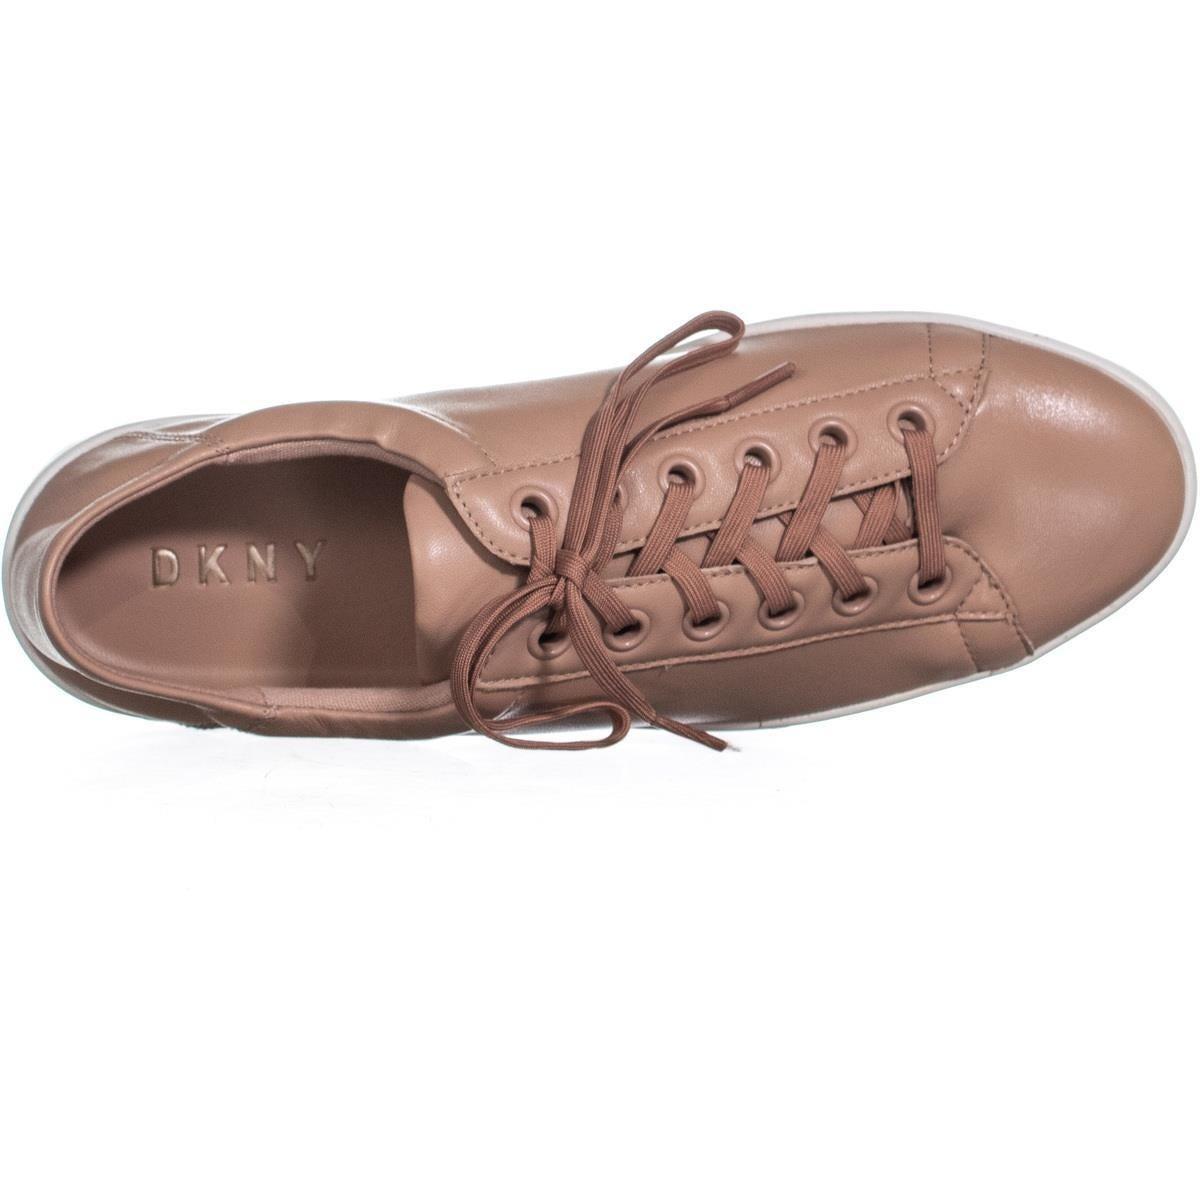 33c882c6f33 Shop DKNY Banson Lace Up Platform Sneakers